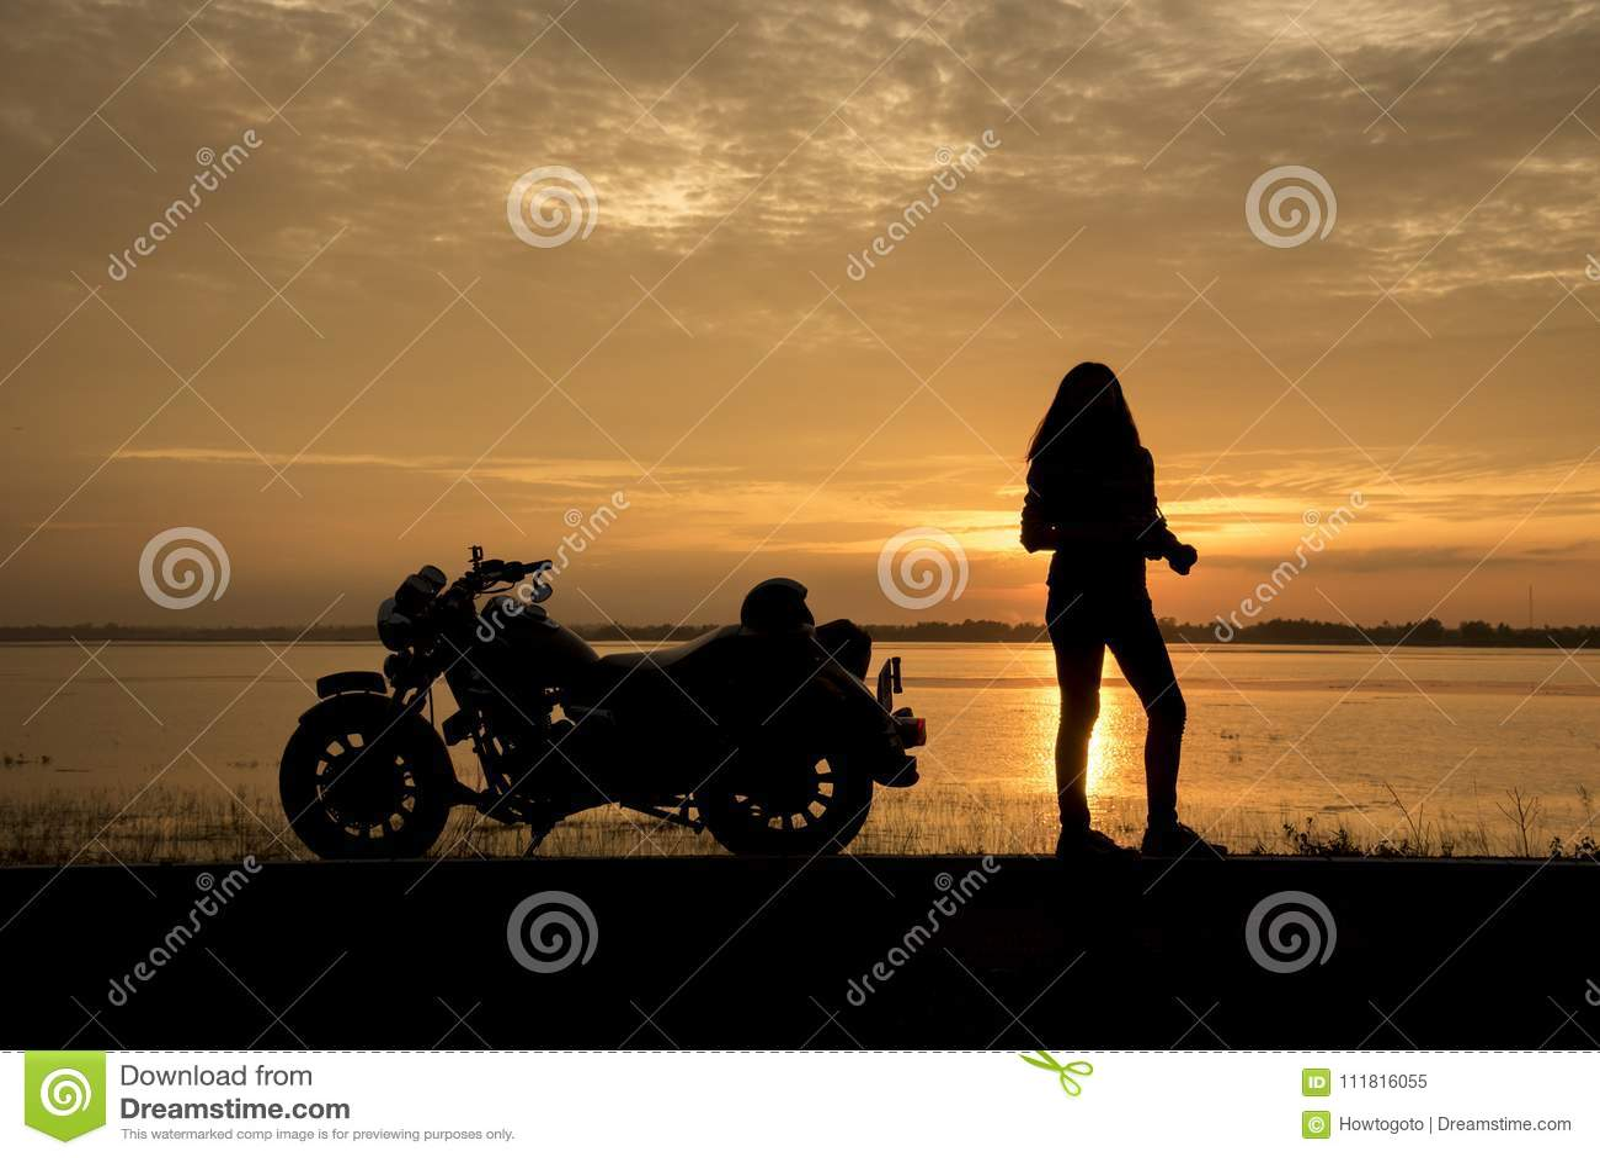 Красивый велосипедист женщины наслаждаясь заходом солнца, женским мотоциклом катания водитель мотоцилк путешествуя мир, ослабляя